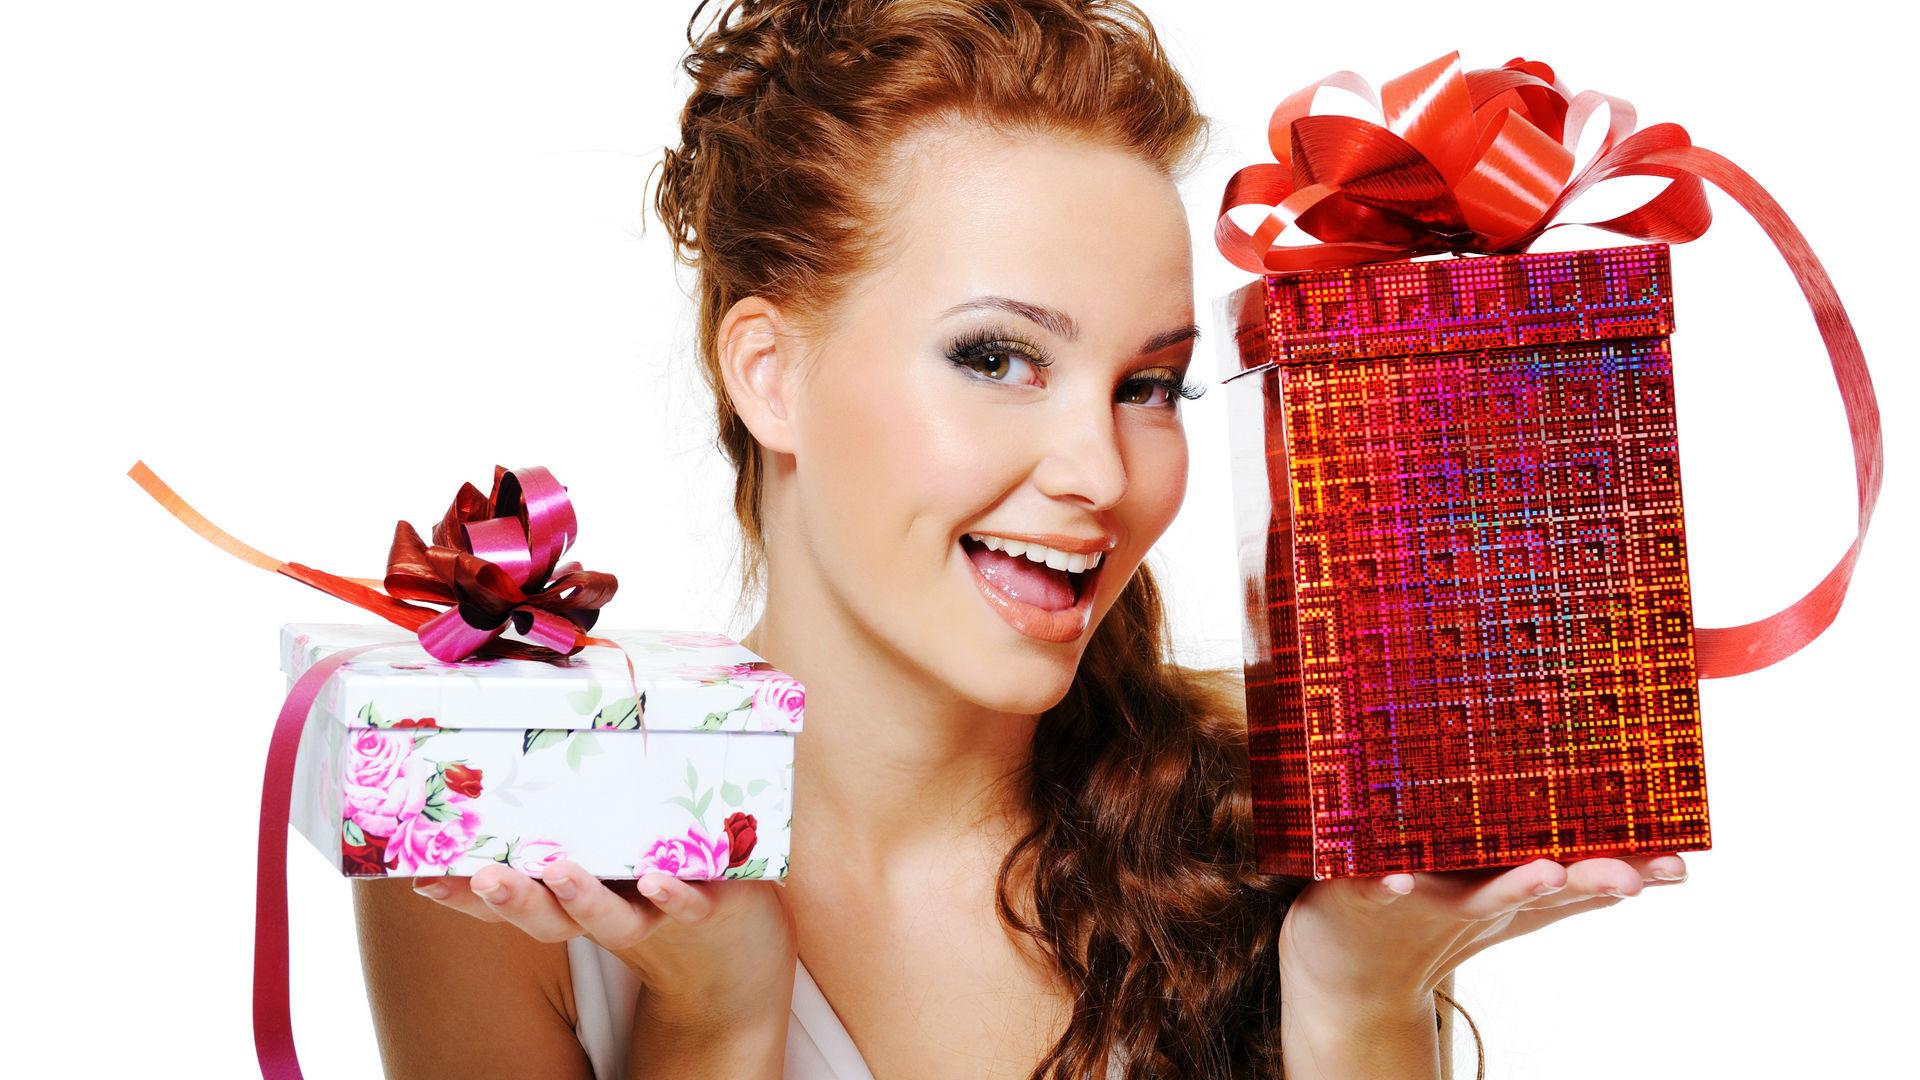 Стоит ли дарить девушке дорогие подарки дарить 53